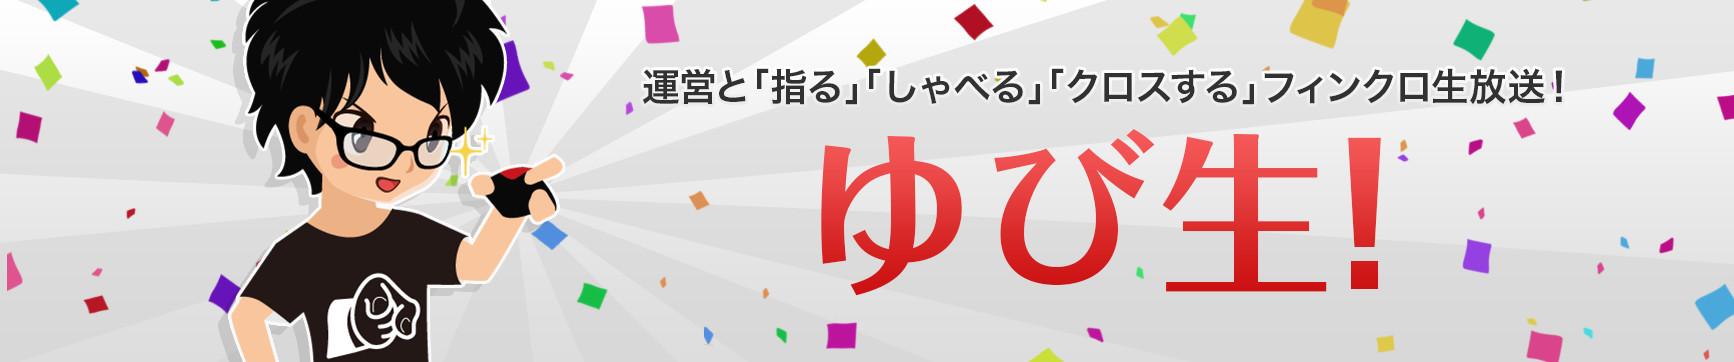 フィンクロ公式生放送「ゆび生!」